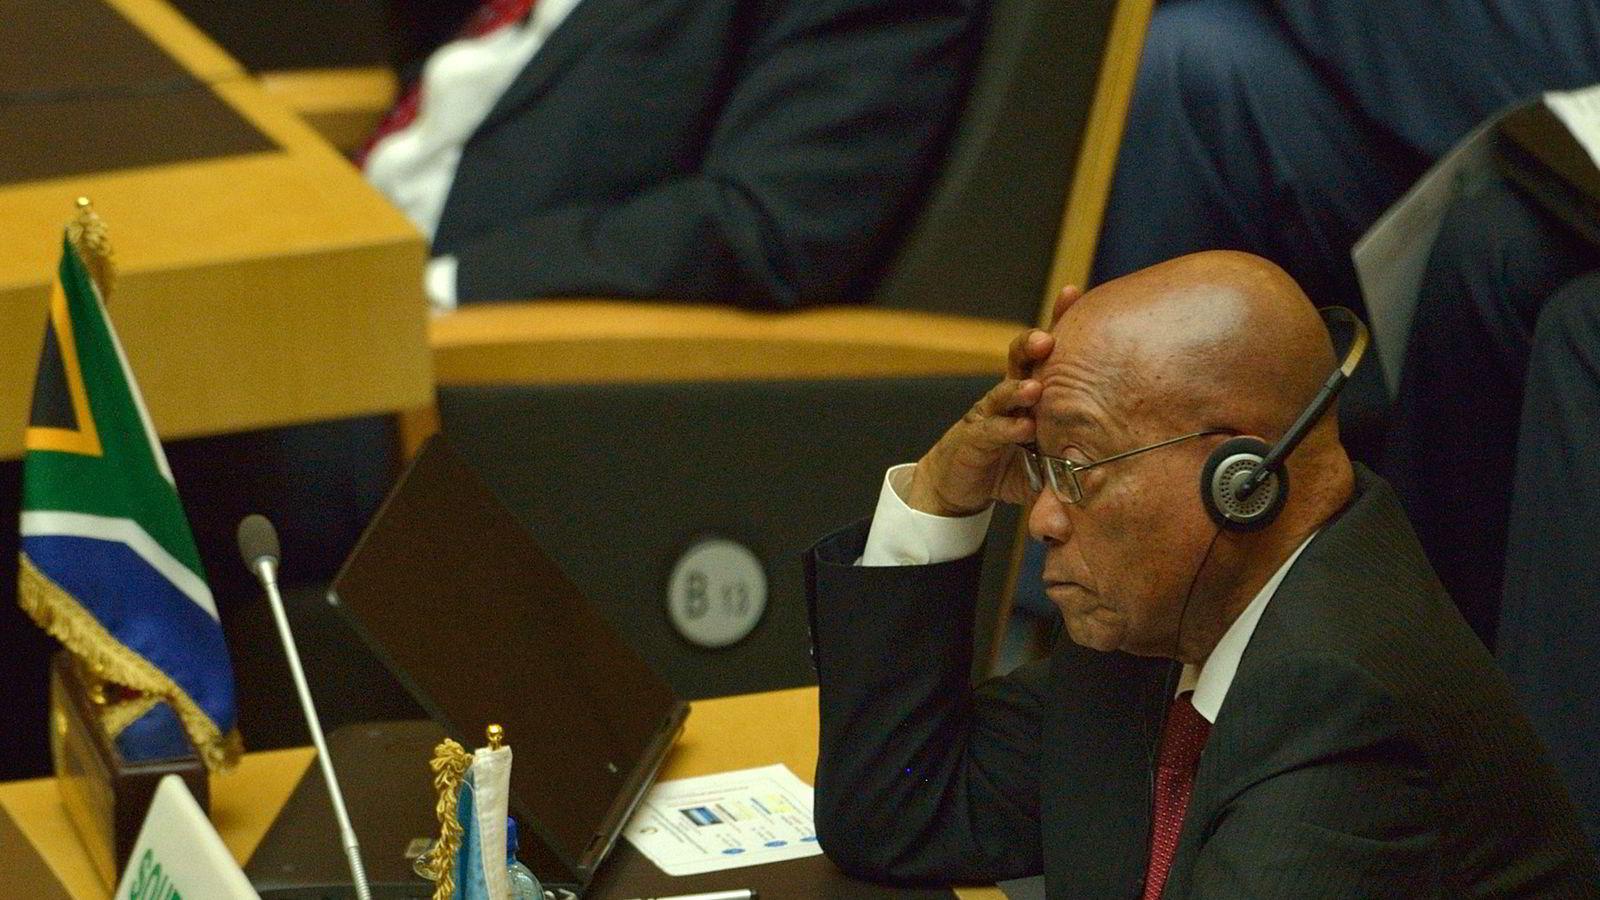 Avbildet er Sør-Afrikas president Jacob Zuma under under en presidentsalming i den Afrikanske Union tidligere i år. Foto: AFP/TONY KARUMBA/NTB Scanpix